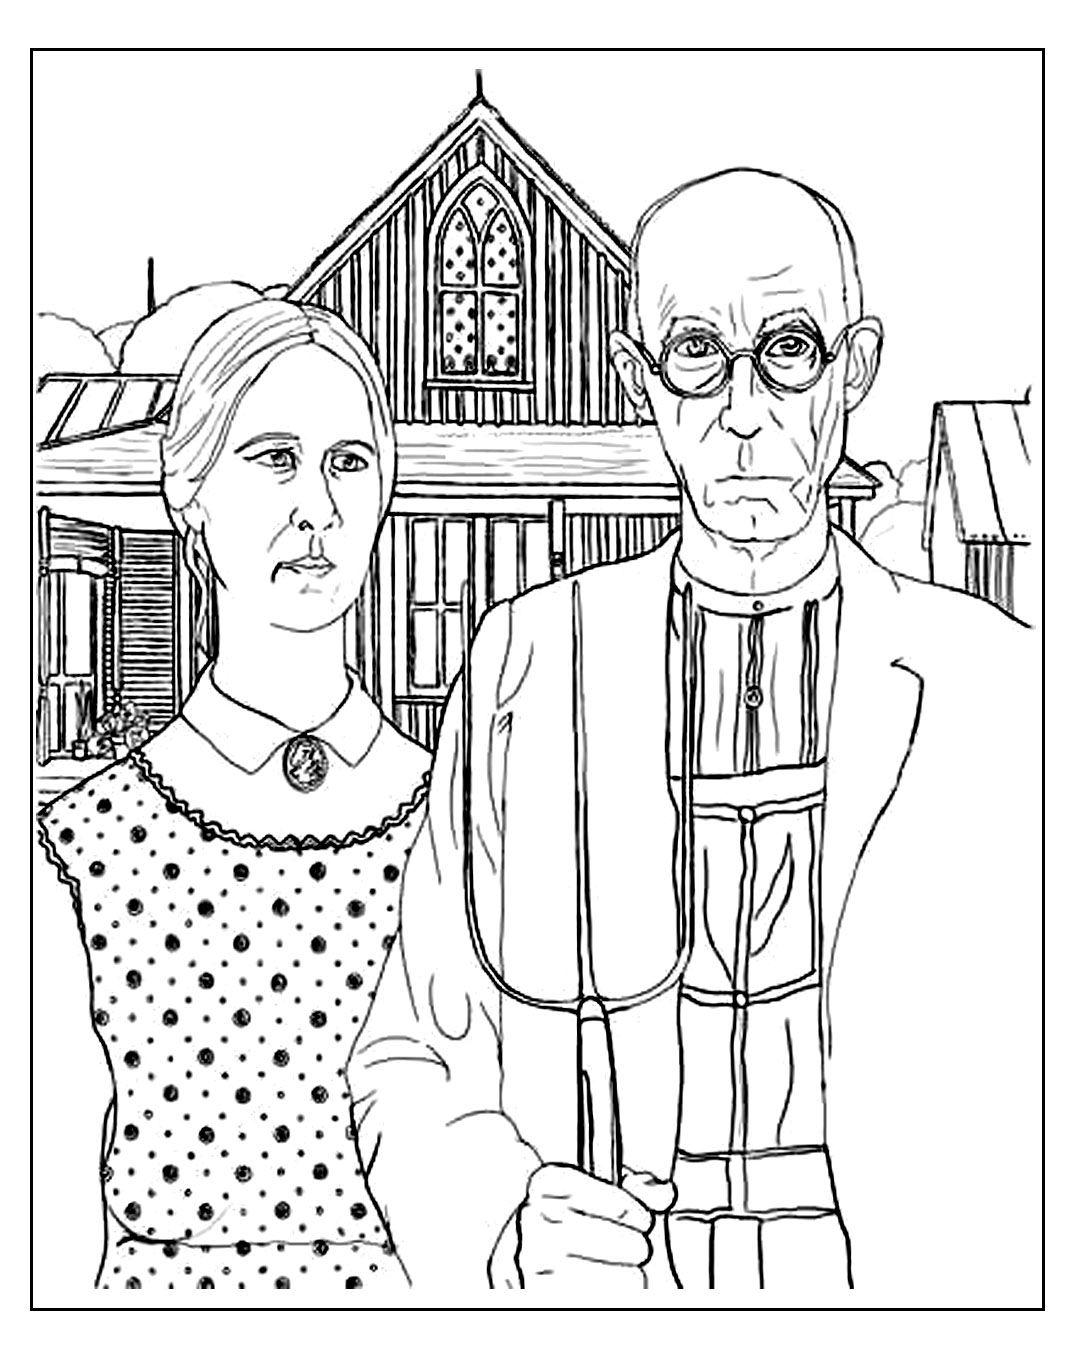 Página para colorear gratis colorear-adulto-grant--gótico americano ...